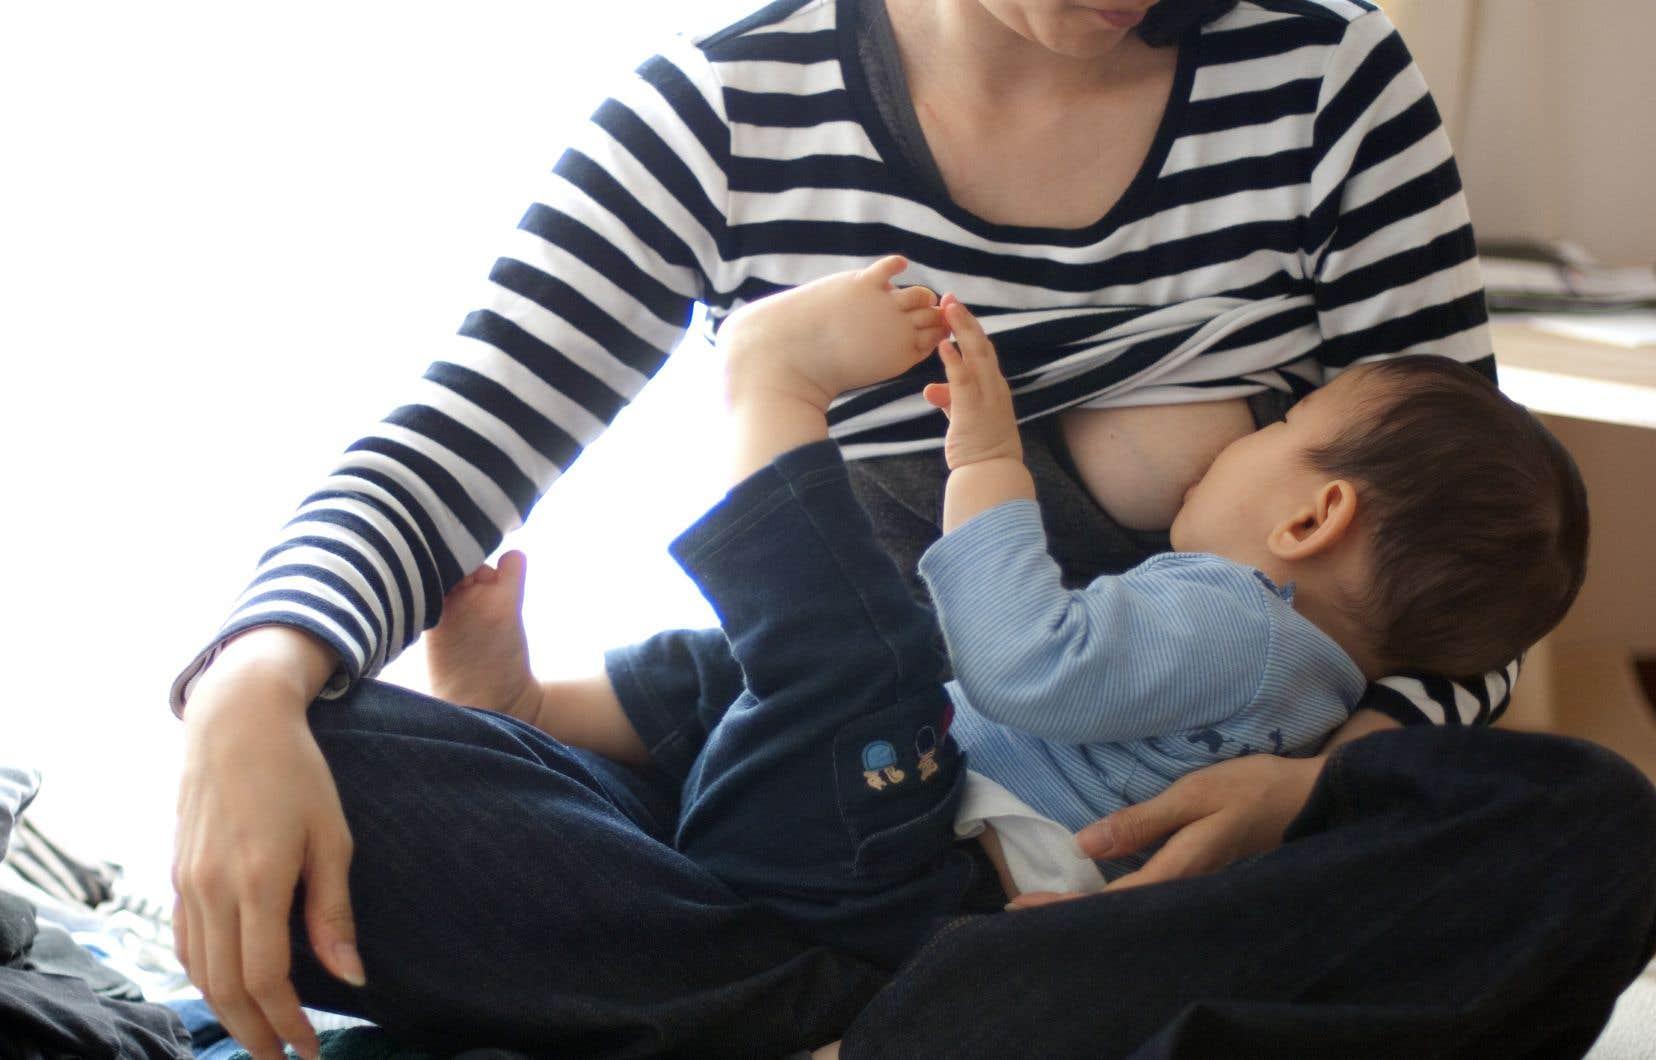 «De tout temps les mères ont été soumises à de multiples injonctions concernant l'alimentation de leurs nourrissons», estime l'auteure.